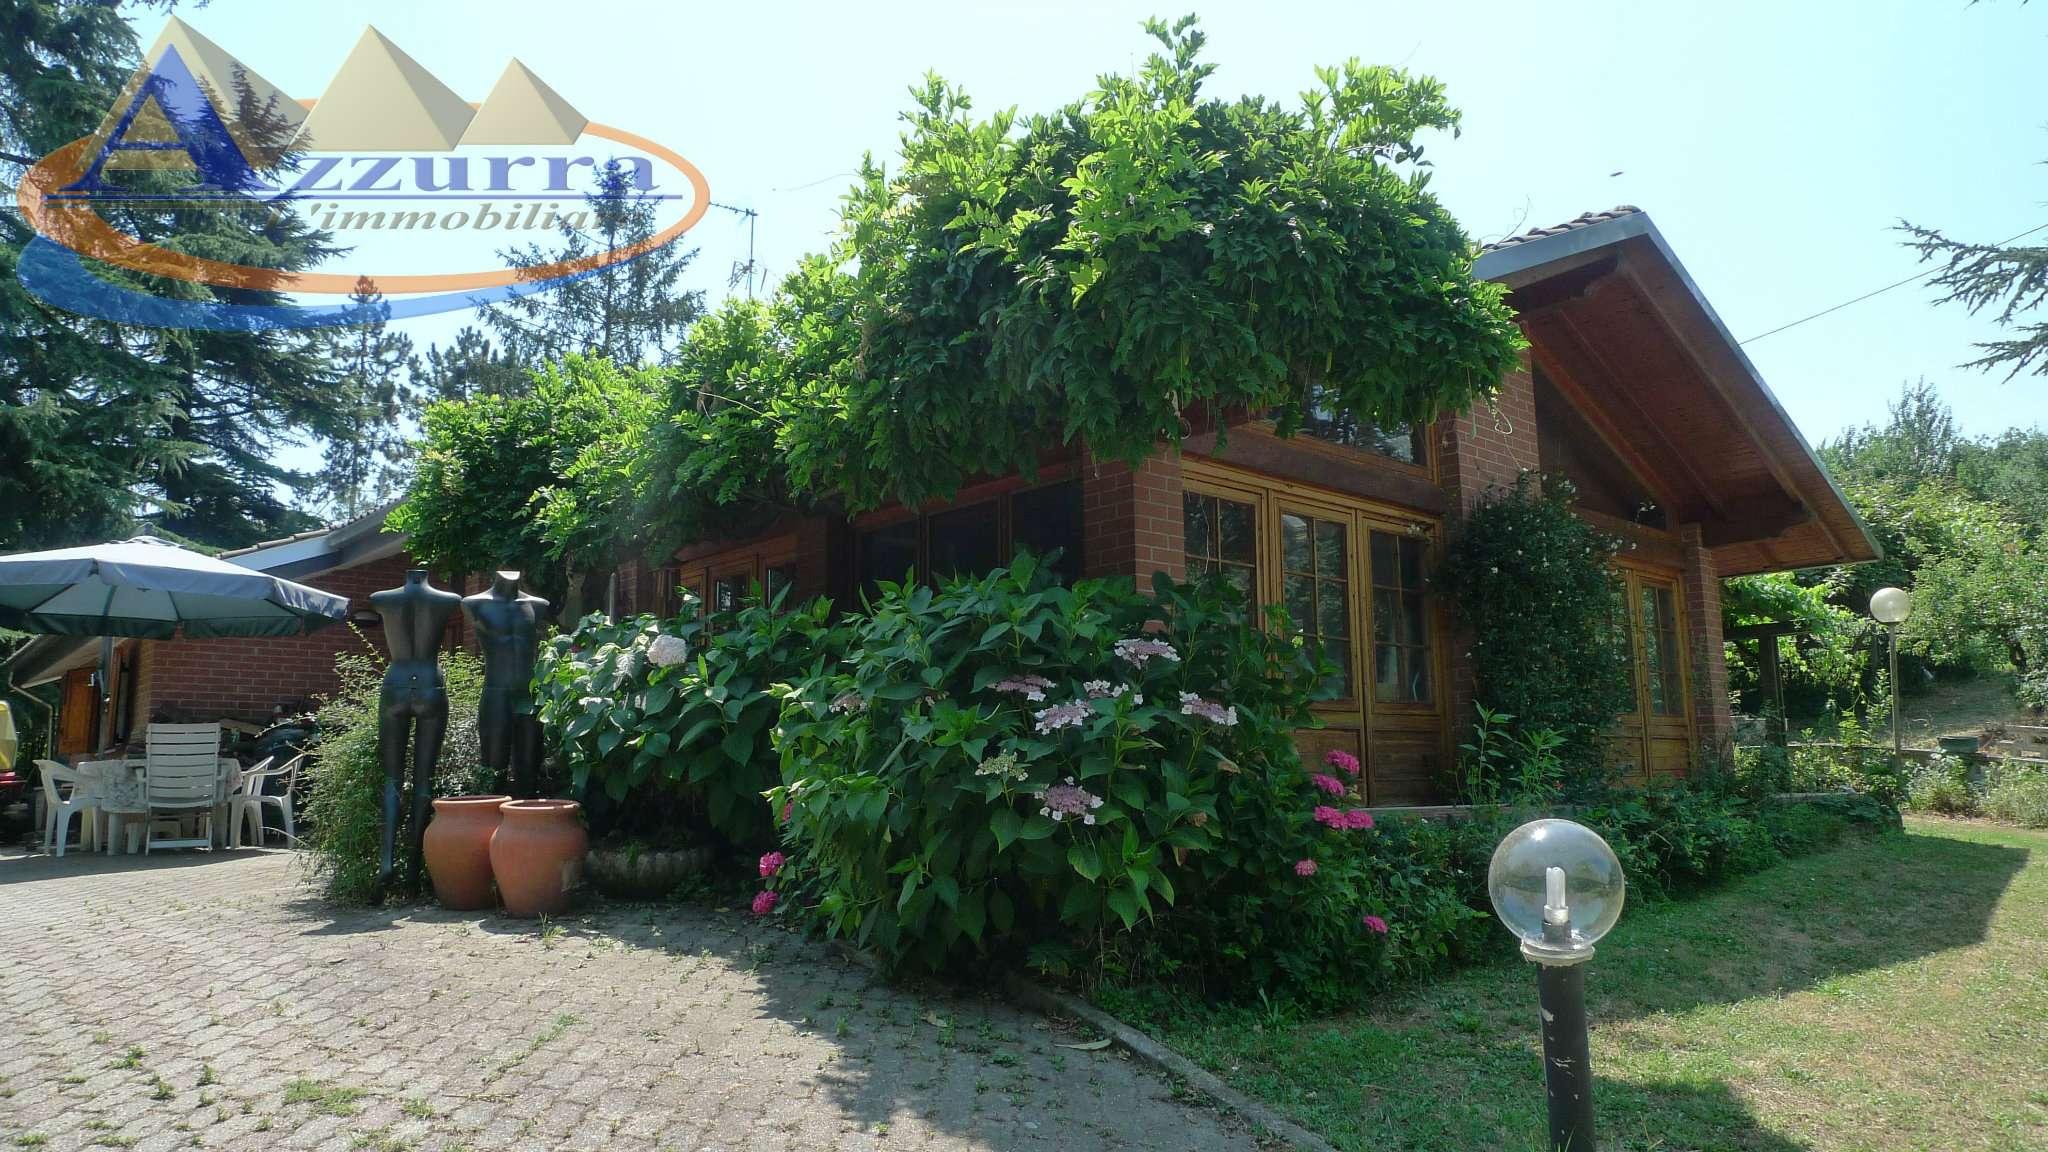 Villa in vendita a Valenza, 10 locali, prezzo € 220.000 | CambioCasa.it